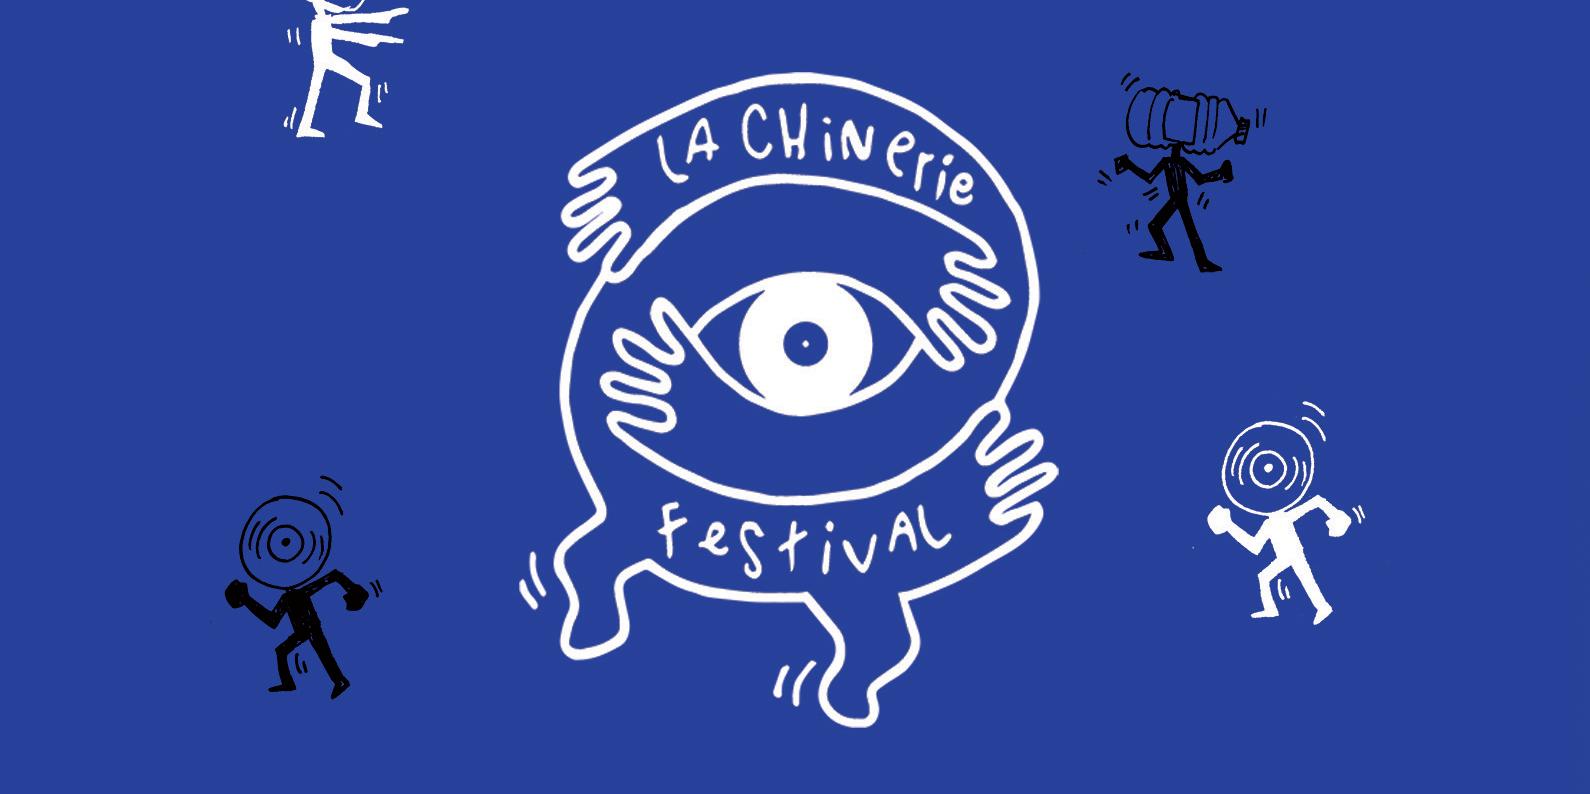 La Chinerie Festival : un week-end à écouter nos rookies préférés ?